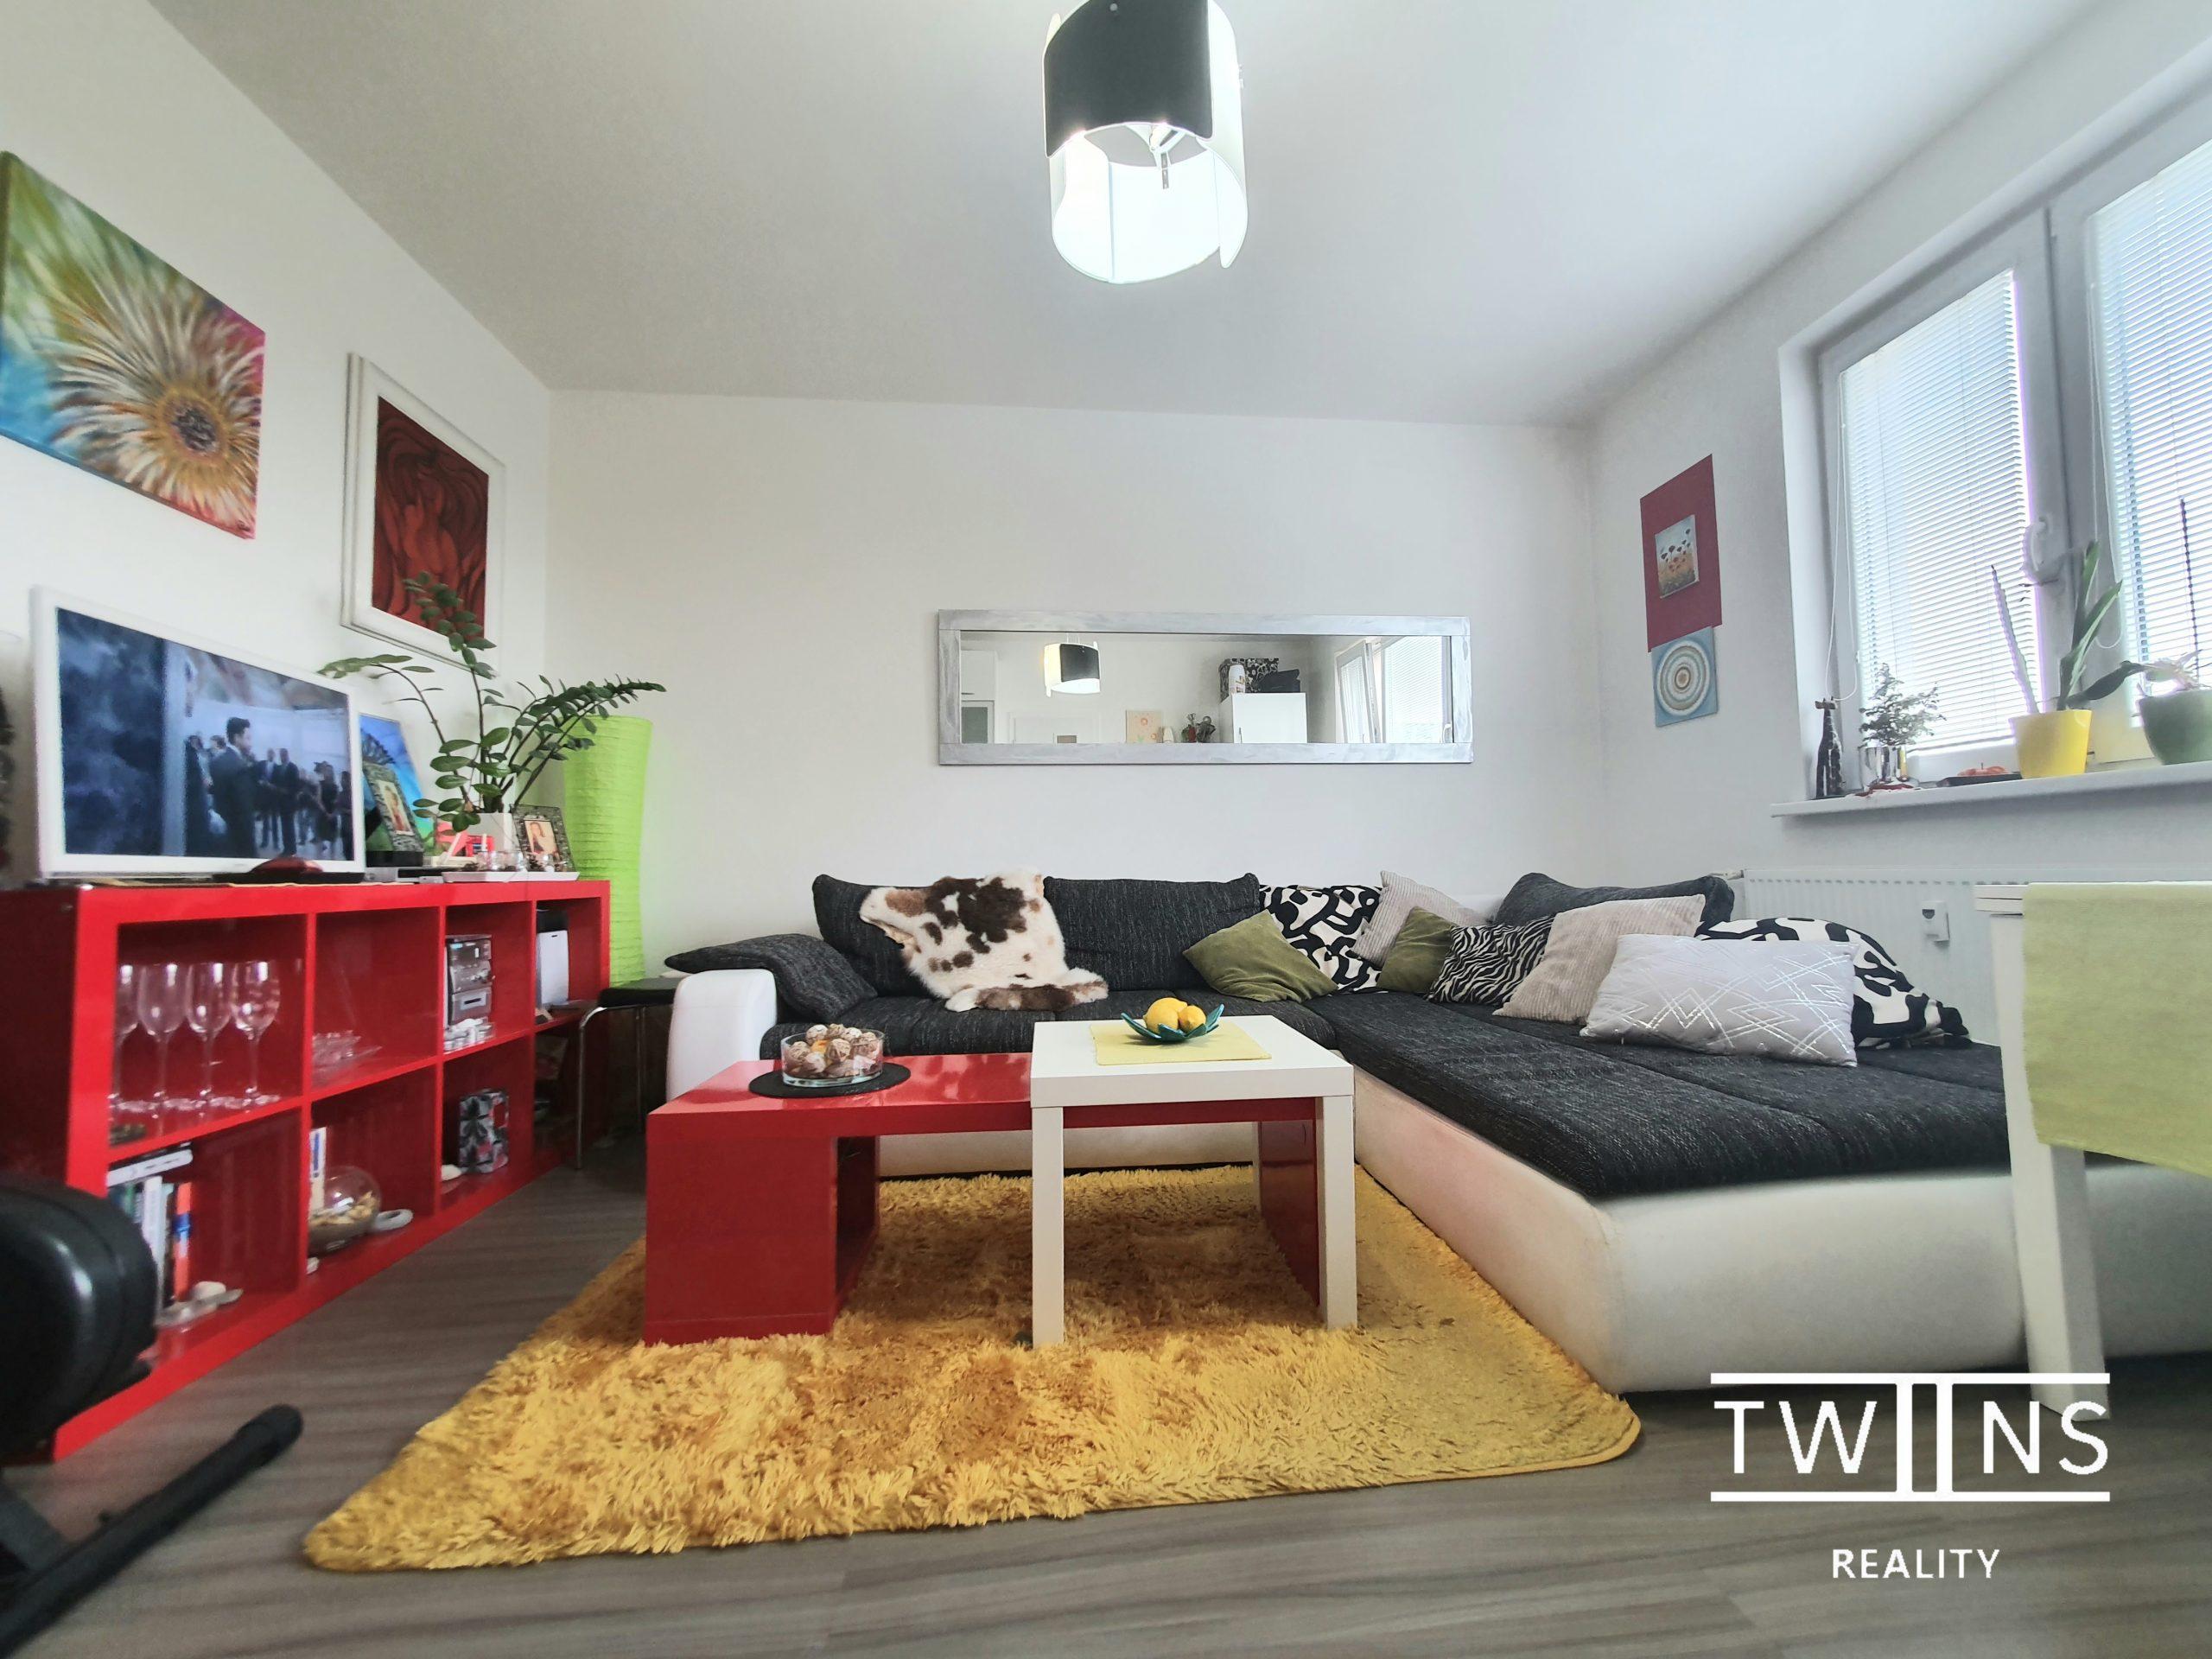 Predané!    💎💎Predáme 1,5 izbový byt v ružinove s logiou kompletne prerobený🛠 v krásnom prostredí Ružínova 🌳🌳